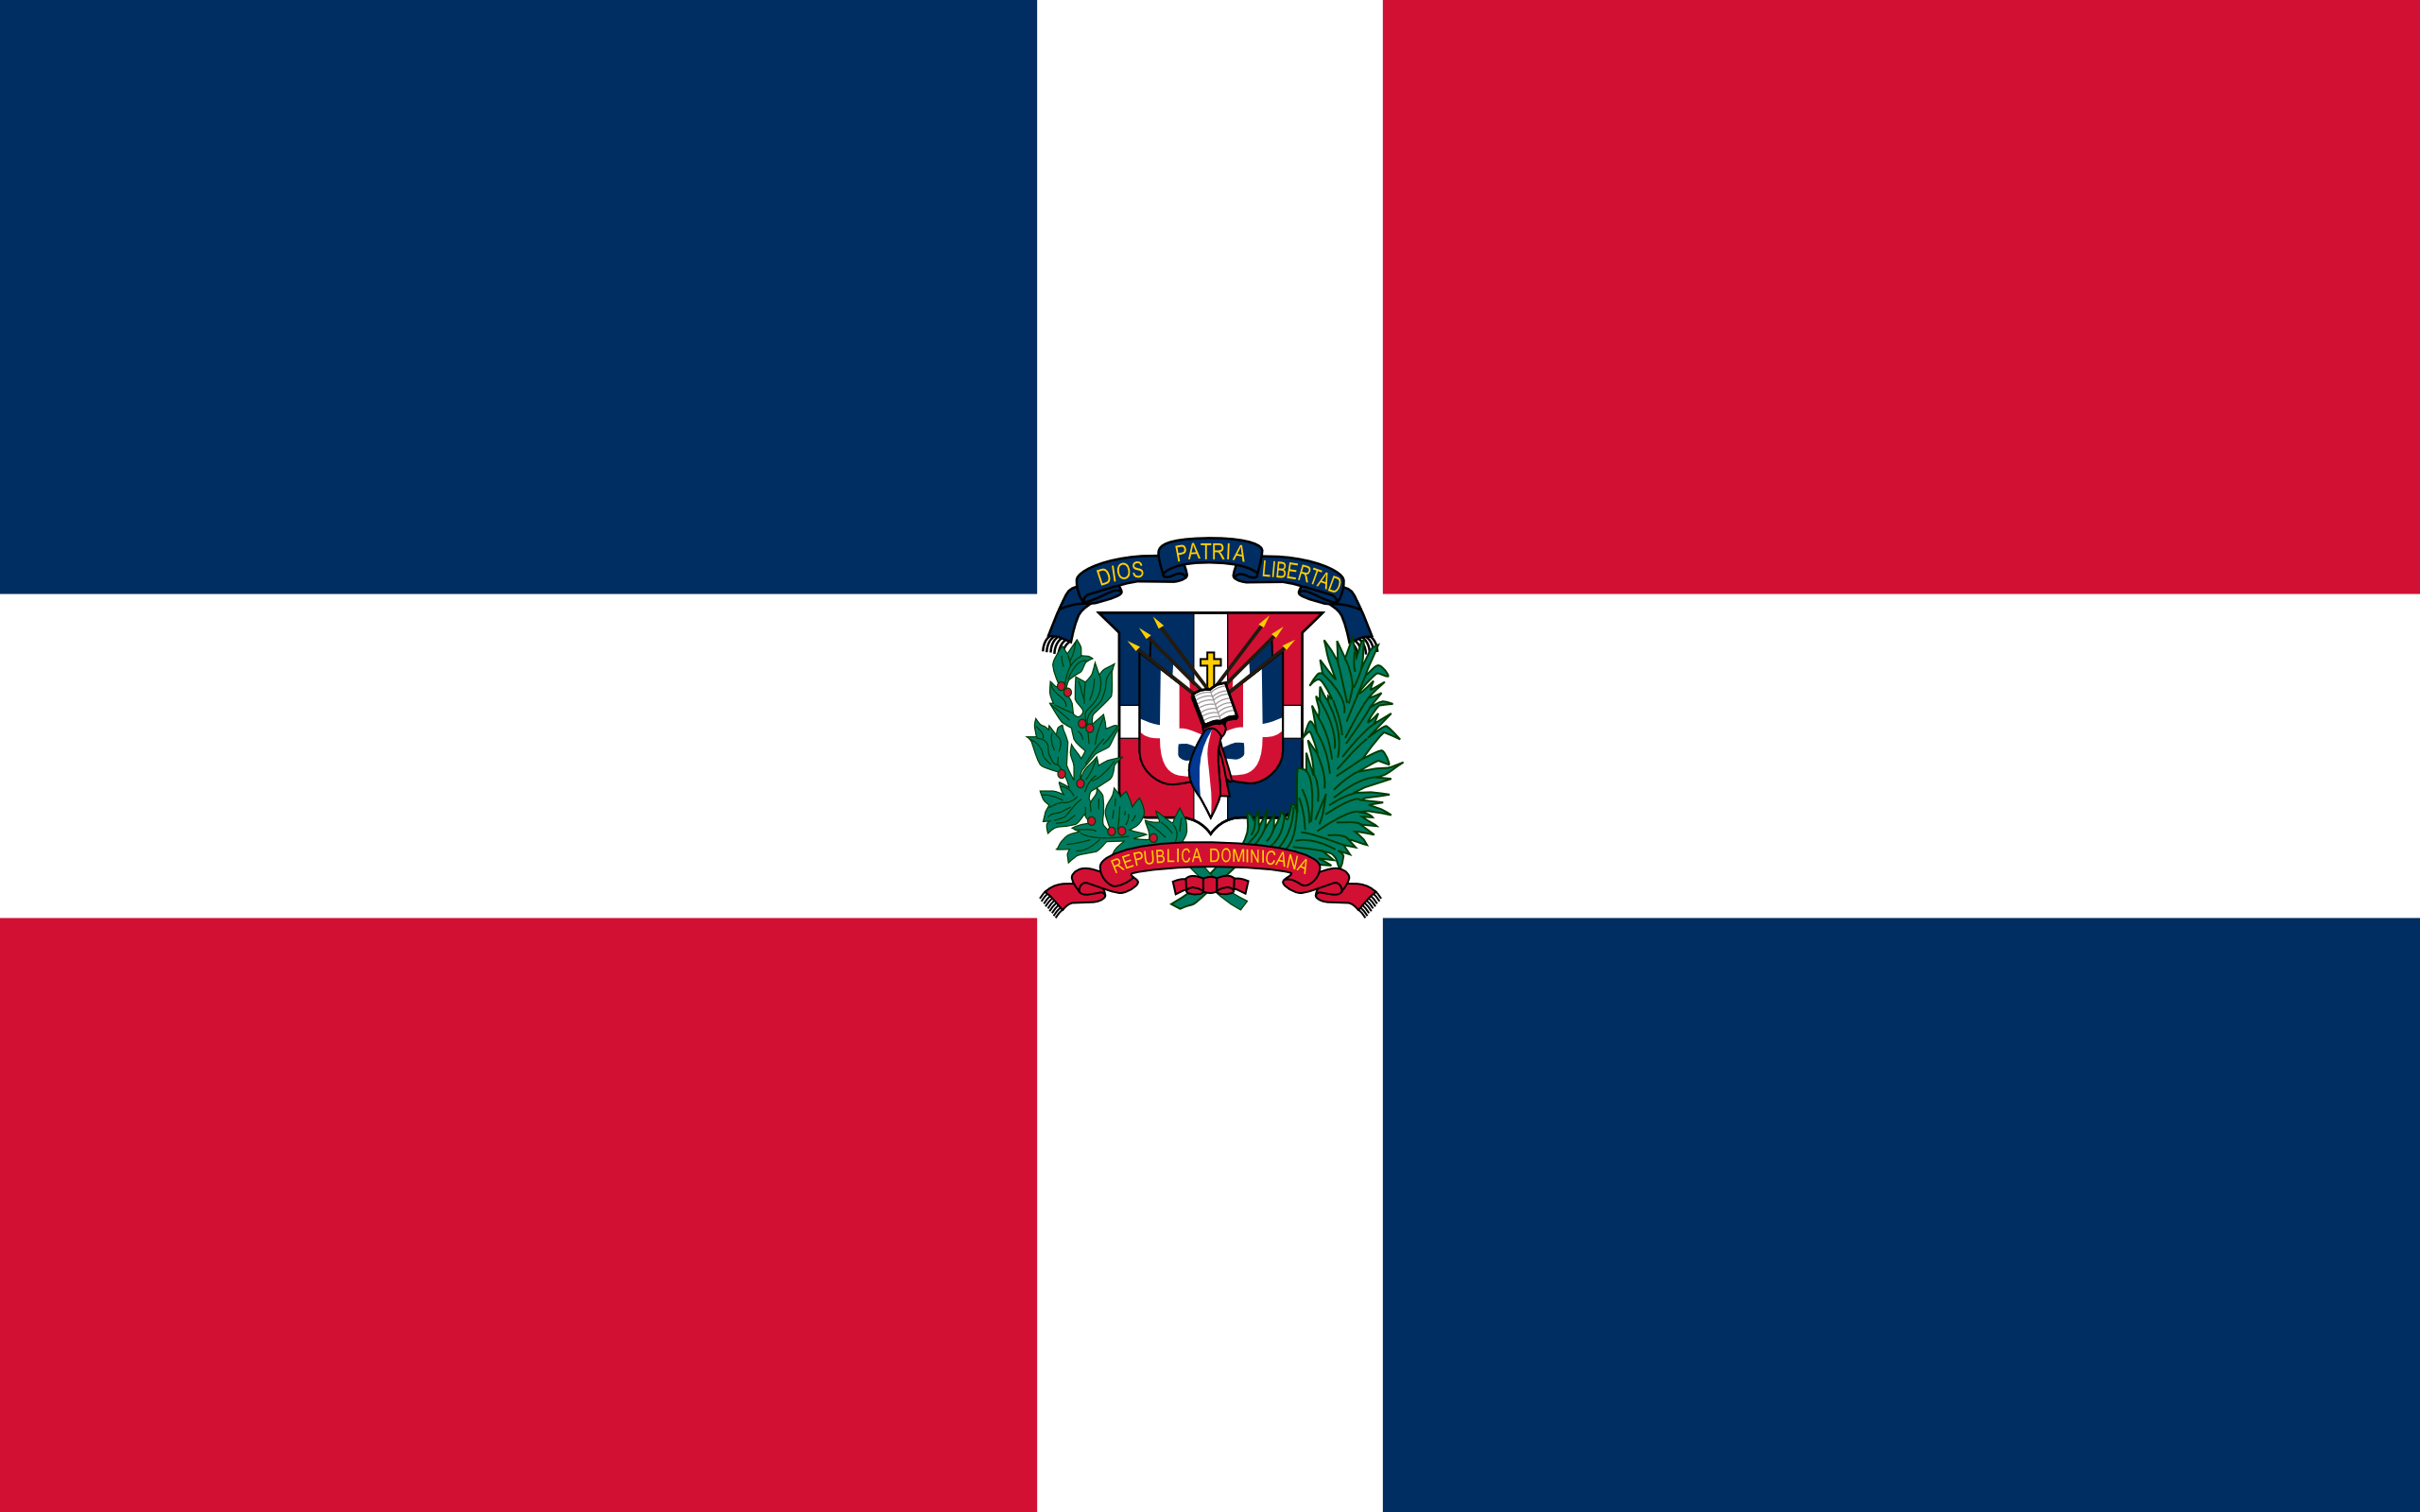 república dominicana, país, emblema, insignia, símbolo - Fondos de Pantalla HD - professor-falken.com